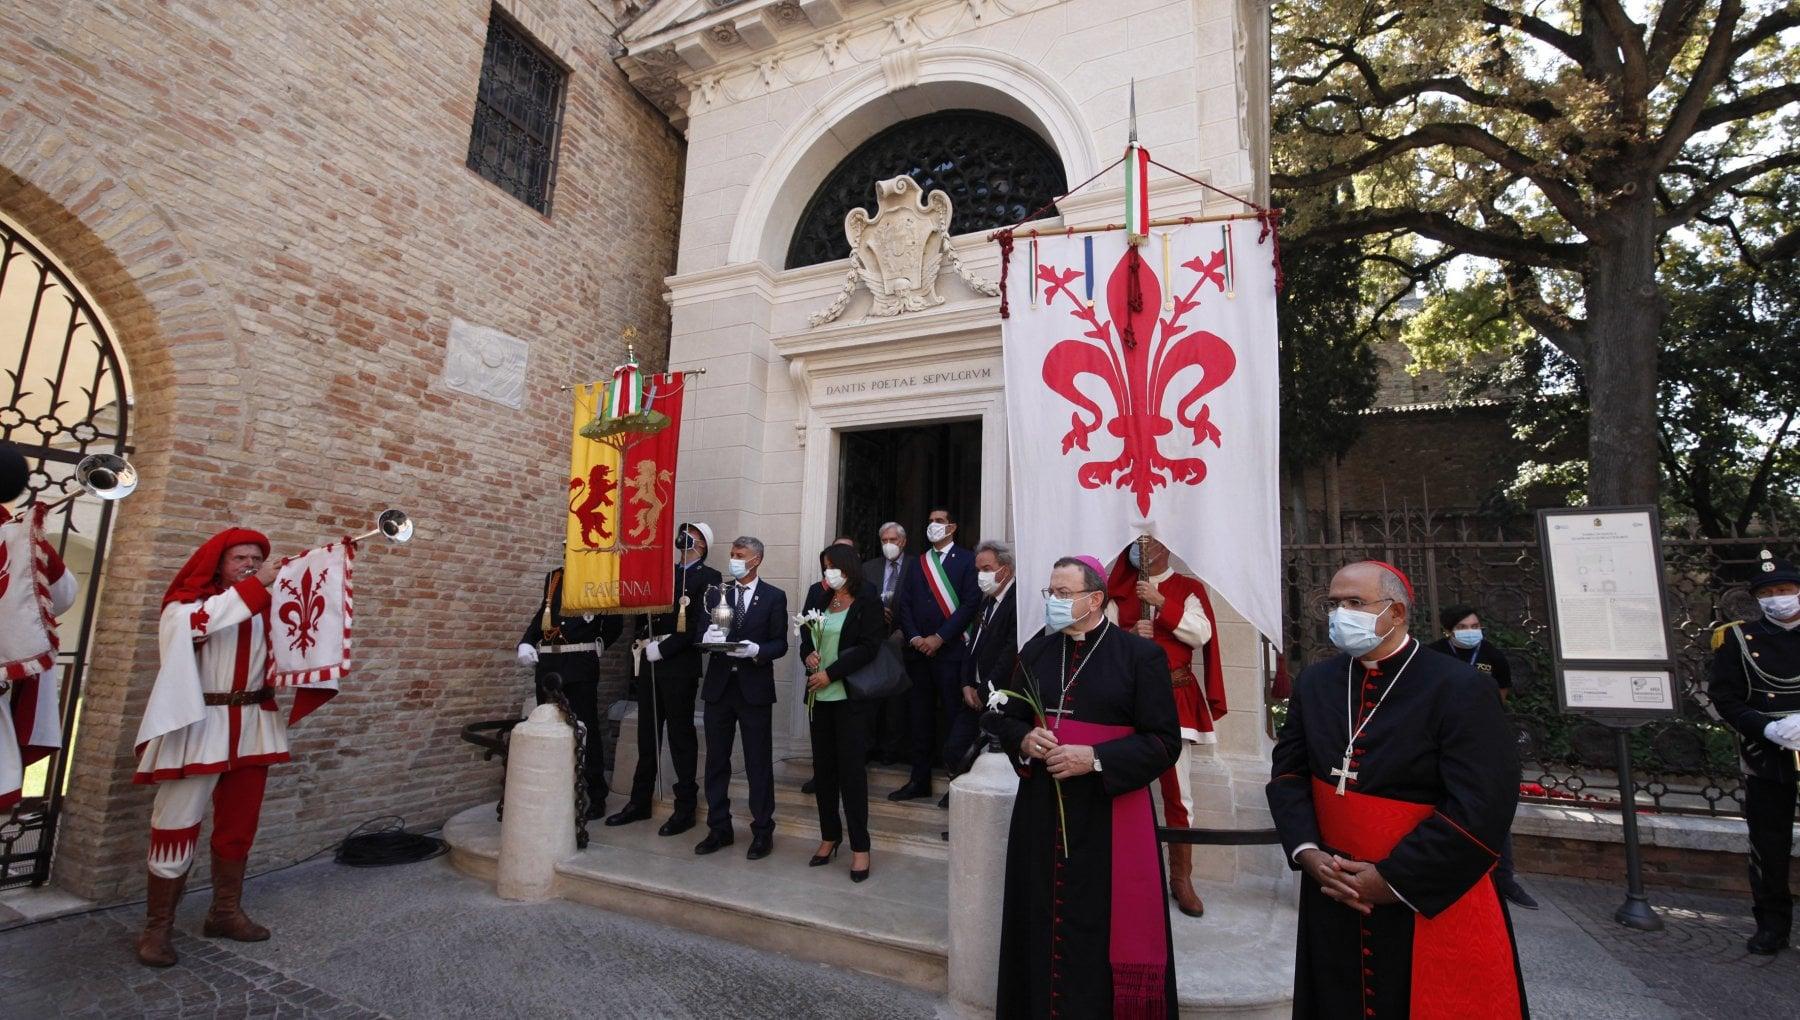 Ravenna e Dante non aprite quella tomba